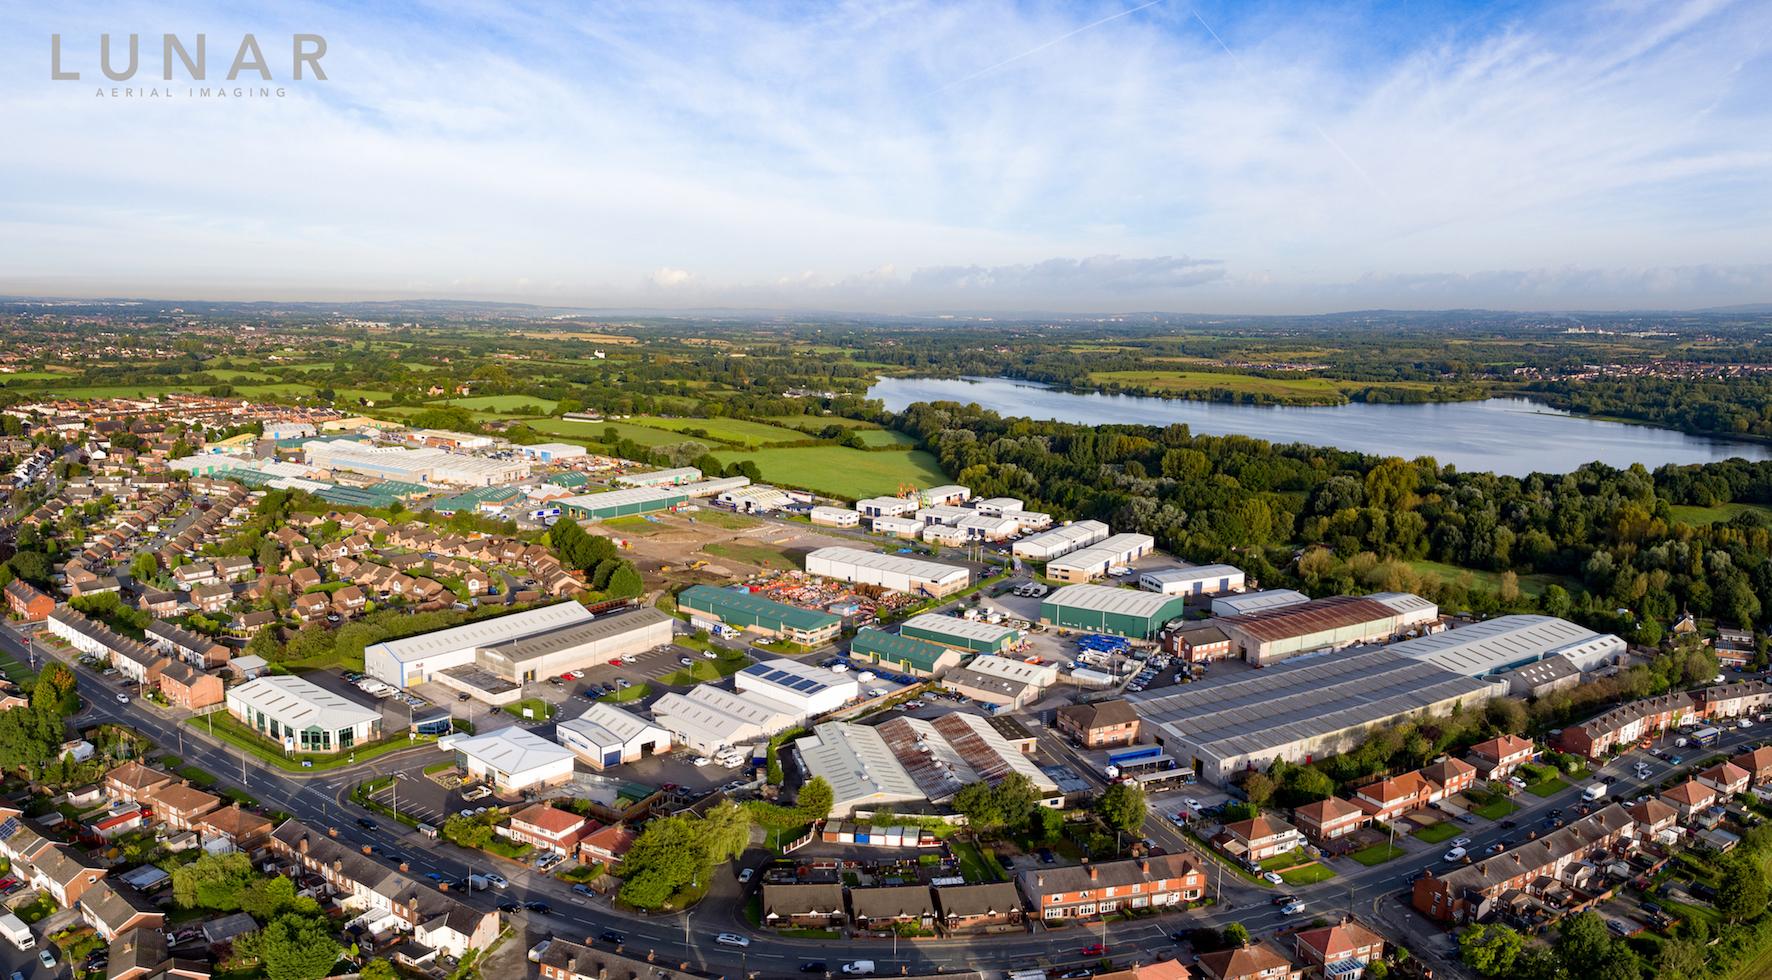 Industrial estate drone video northwest